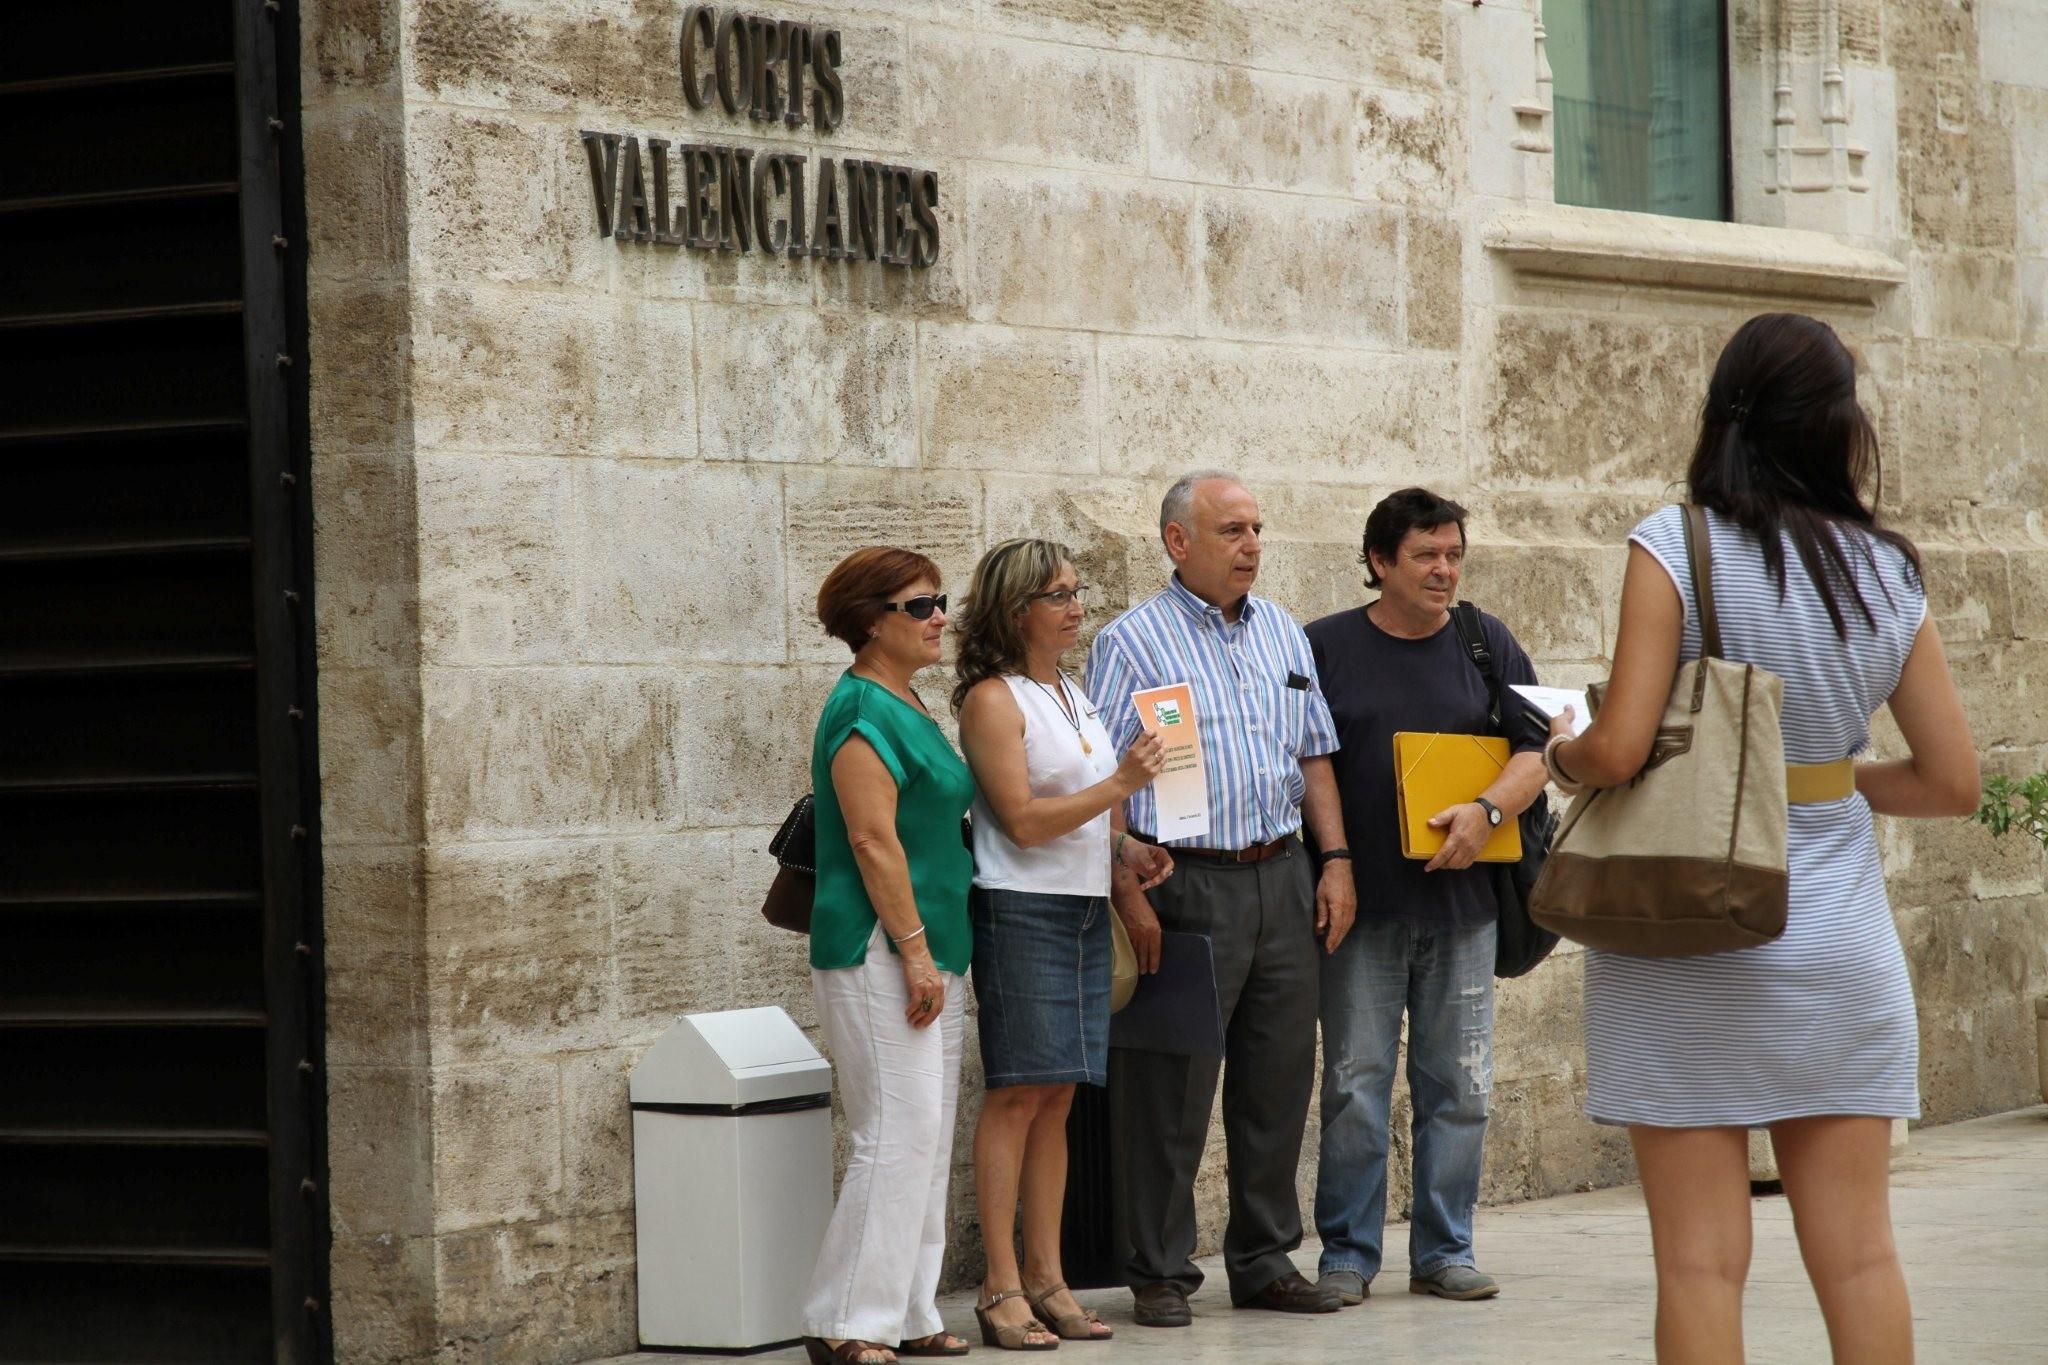 Maria Nuñez, de la Intersindical Valenciana, amb altres persones de l'Aliança en la porta de les Corts Valencianes.